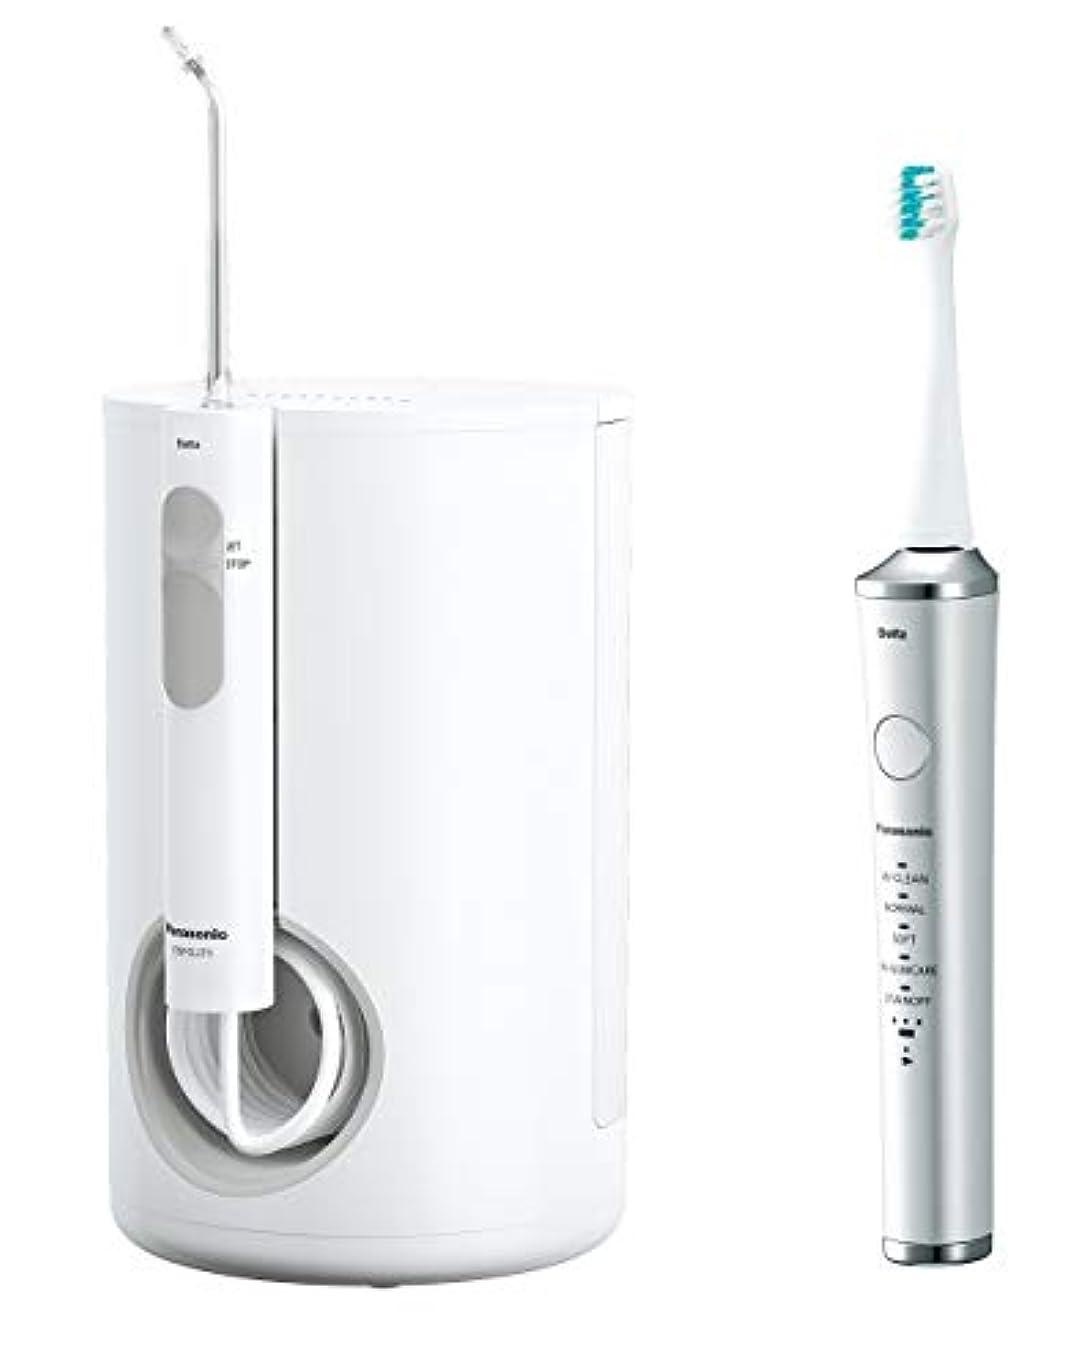 ズームインする未払い確立しますパナソニック 口腔洗浄器 ジェットウォッシャー ドルツ 白 EW-DJ71-W + 電動歯ブラシ ドルツ セット